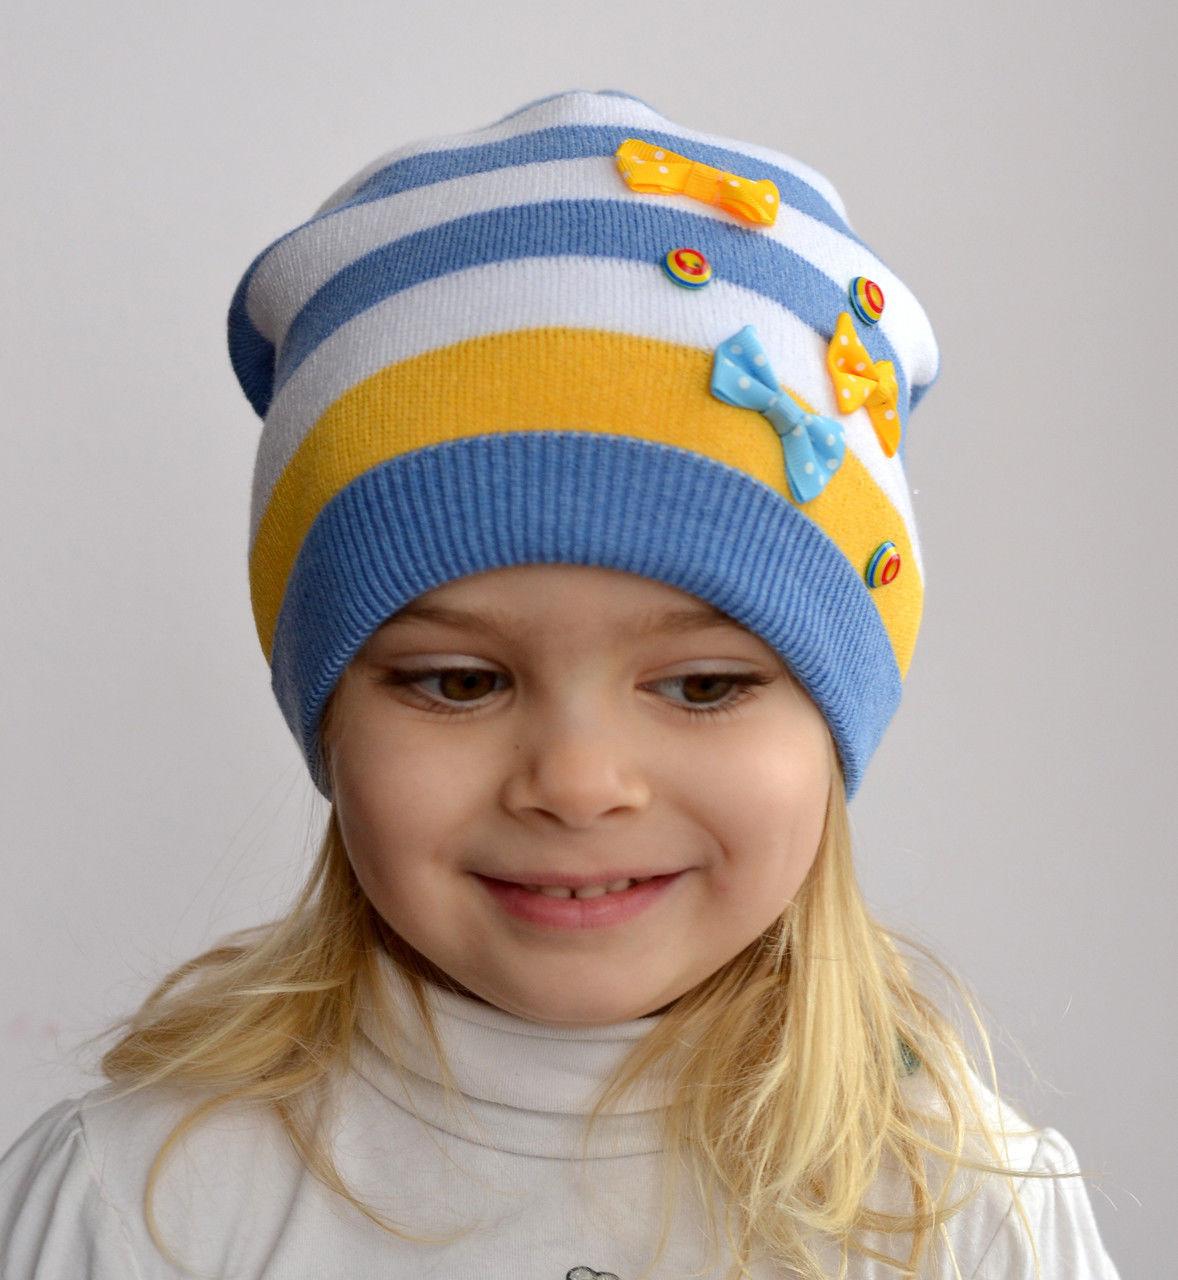 Вязание шапки для девочки осенняя 3 года